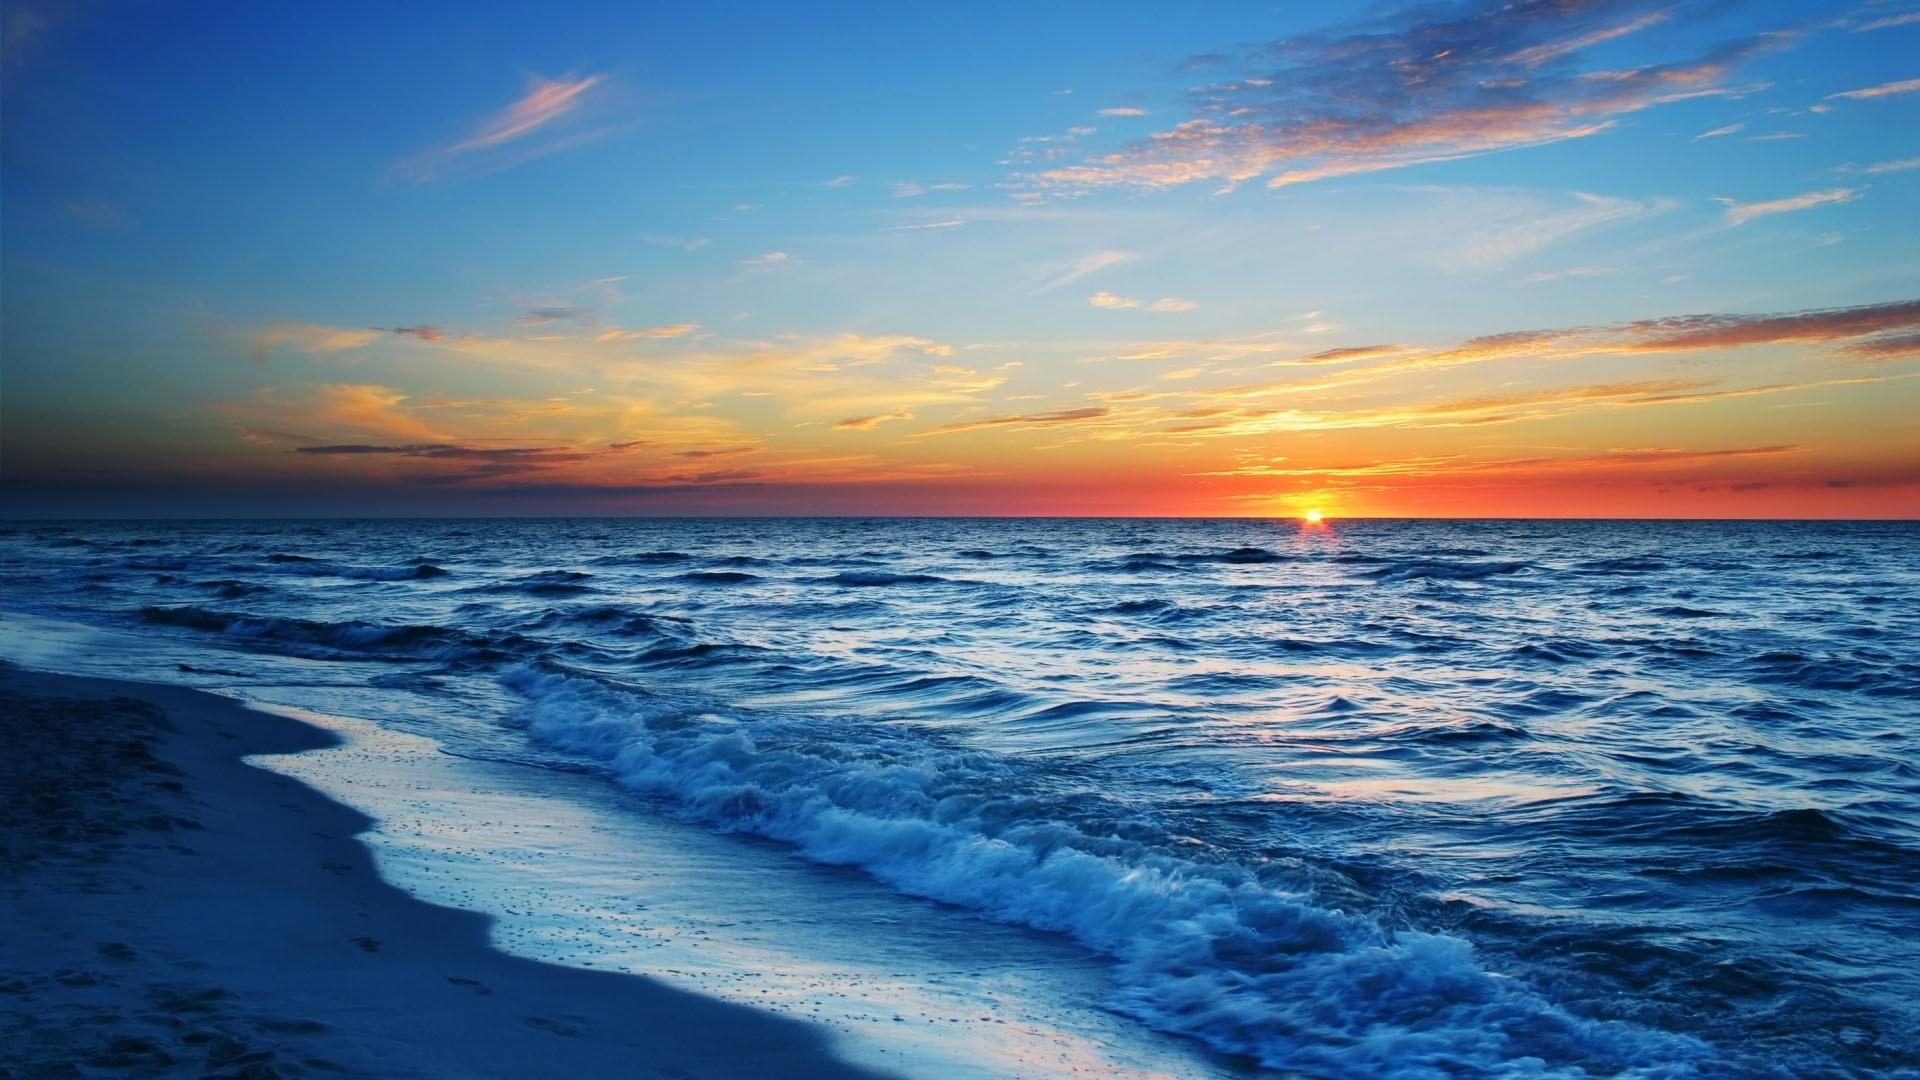 Цитаты про море красивые короткие любовь отпуск на русском английском прикольные из книг